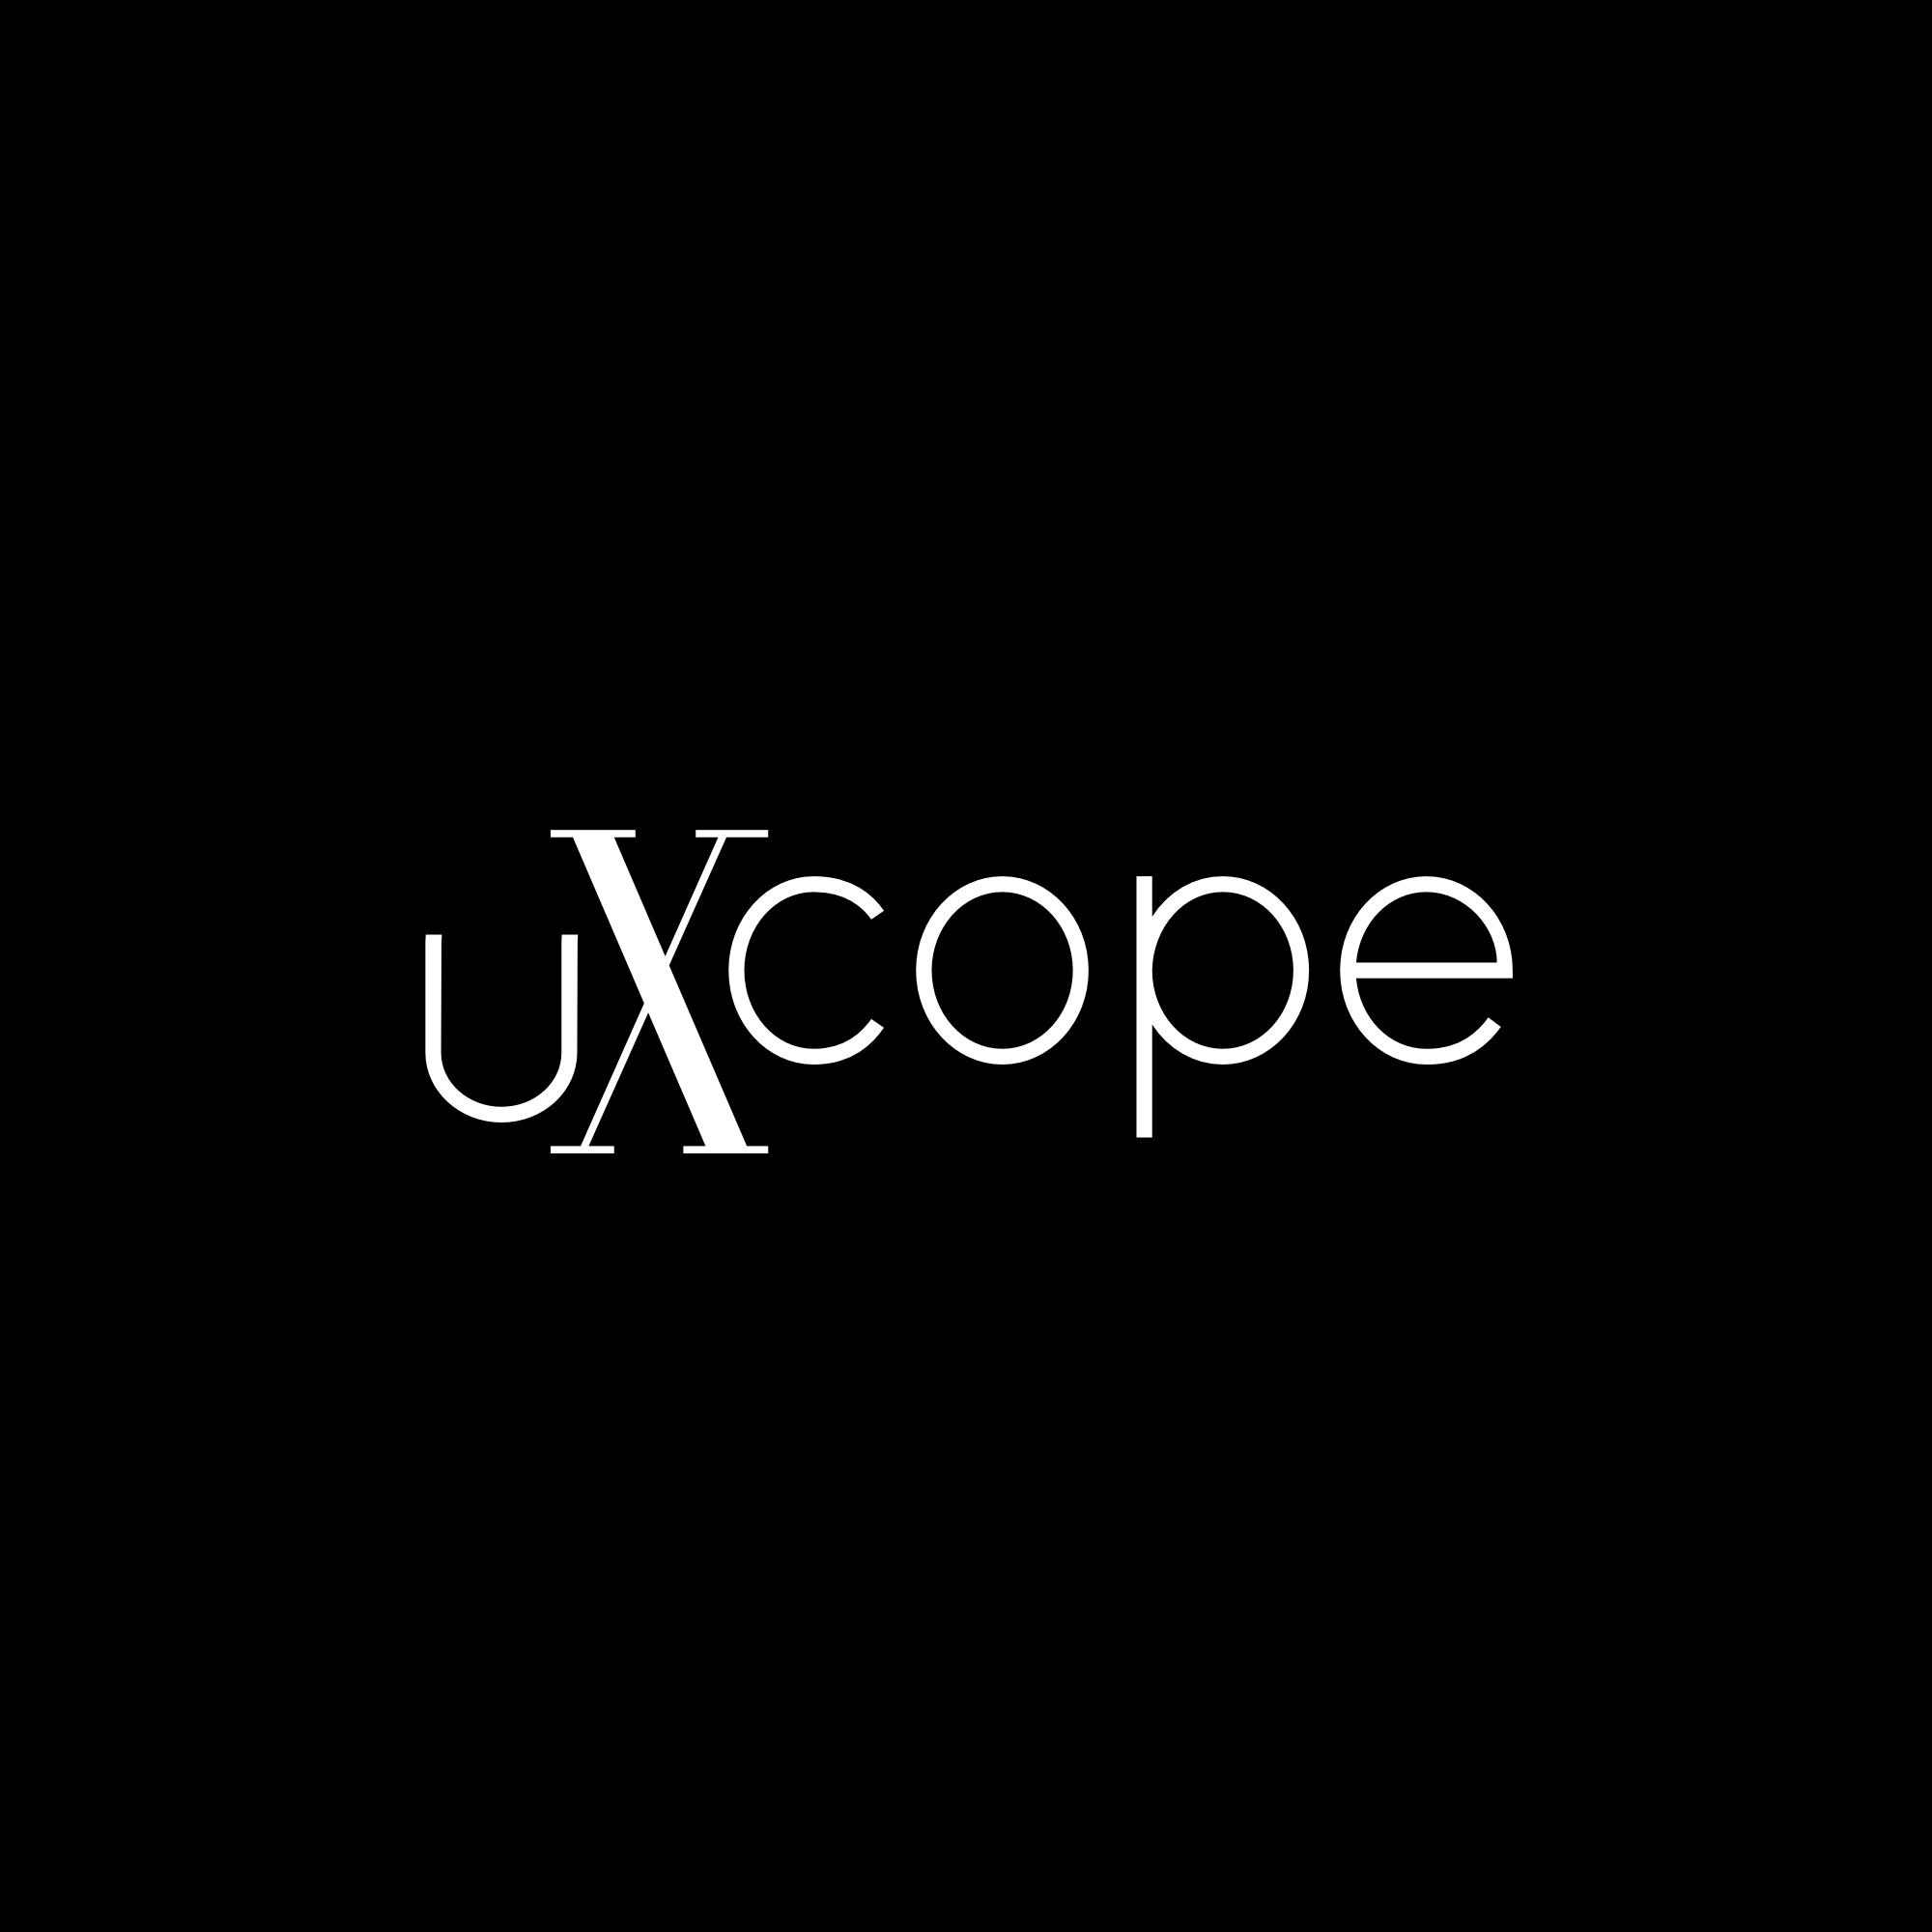 uXcope Design Studio Logo